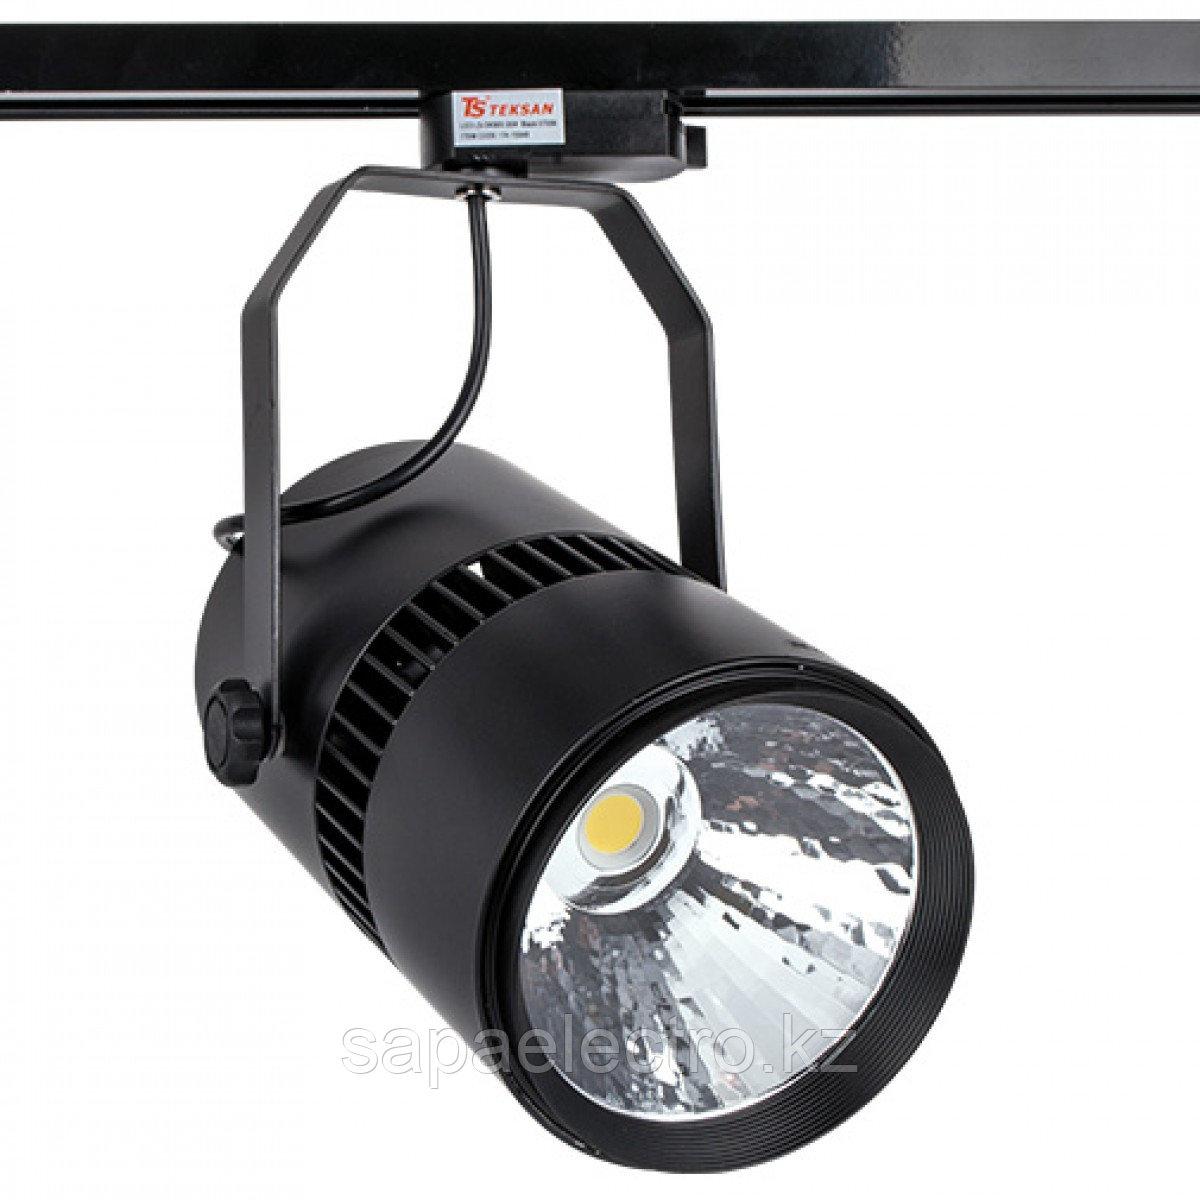 Св-к. LED LS-DK905 35W 5700K BLACK (TS) 12шт